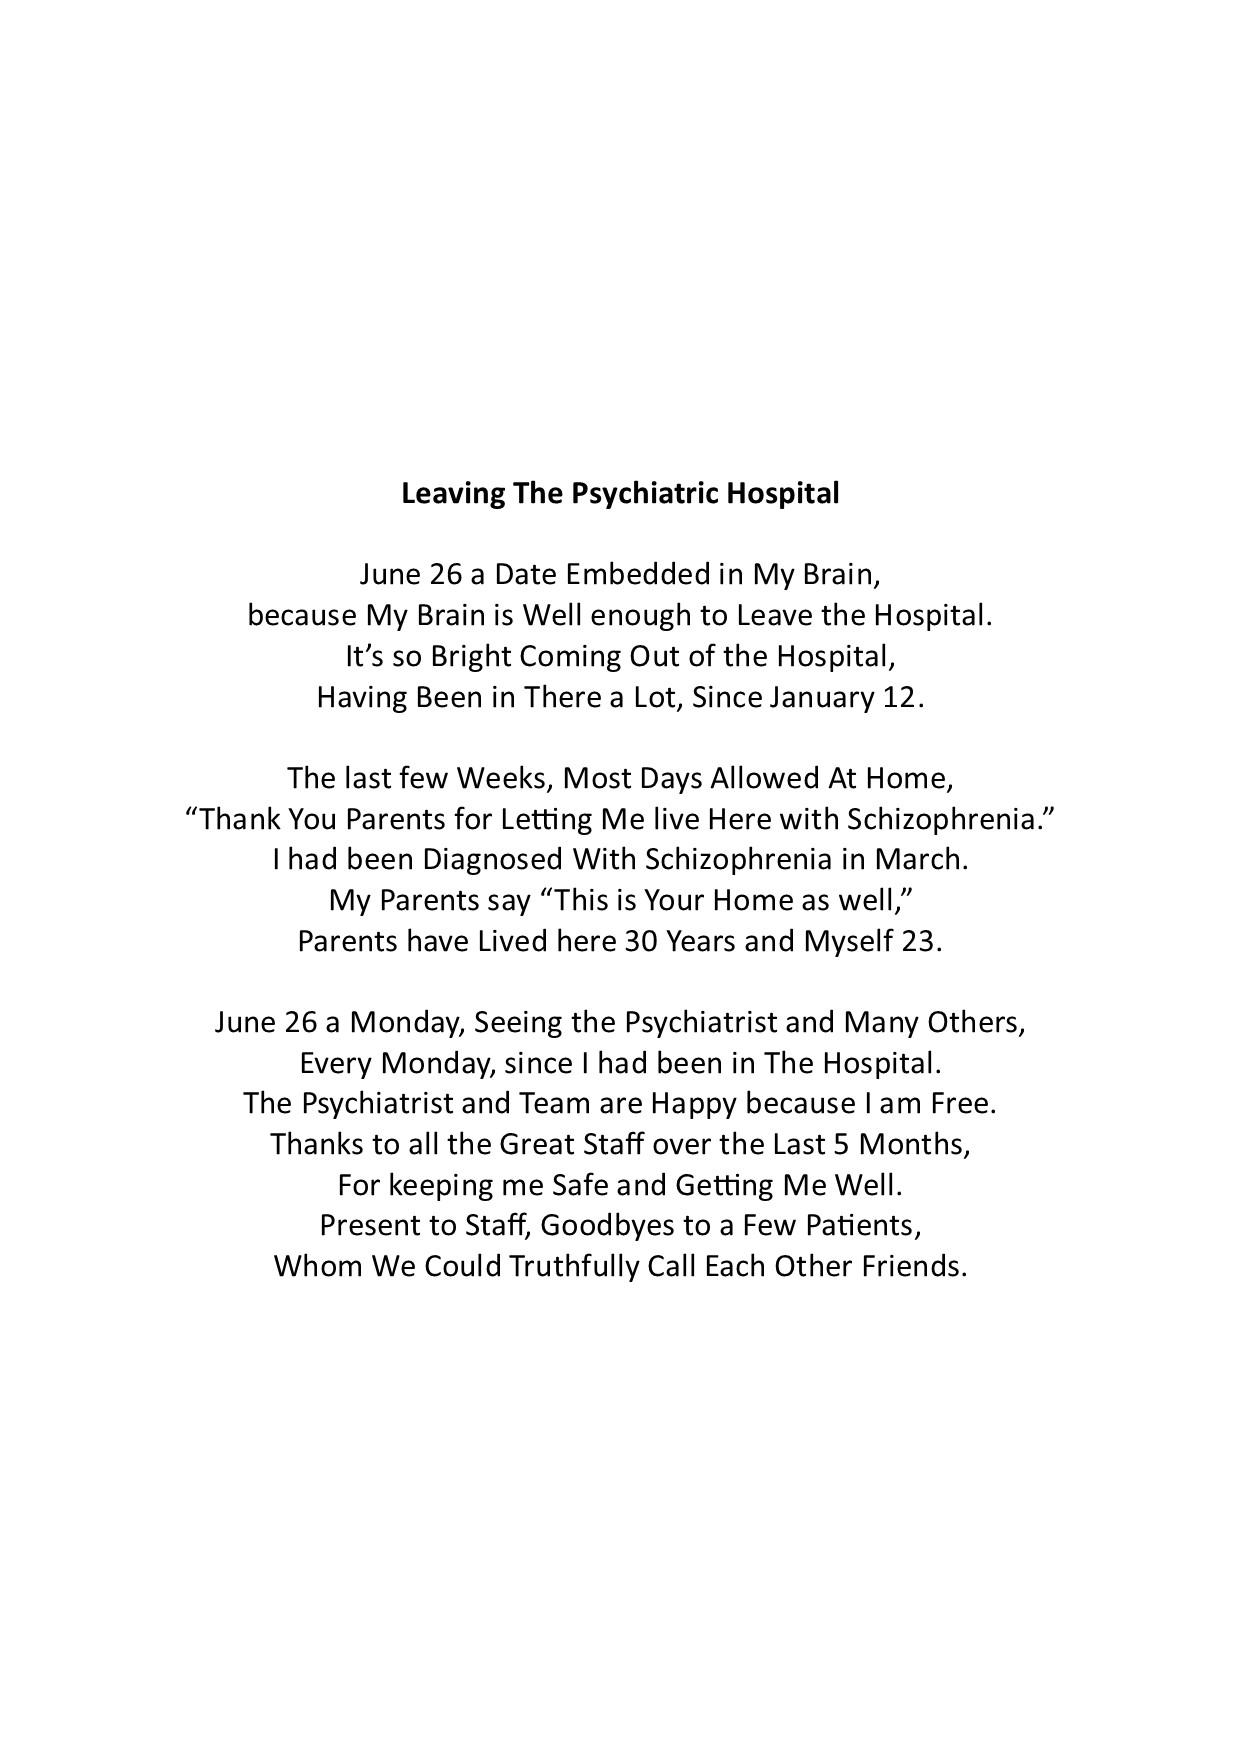 Leaving the Psychiateric Hospital.jpg